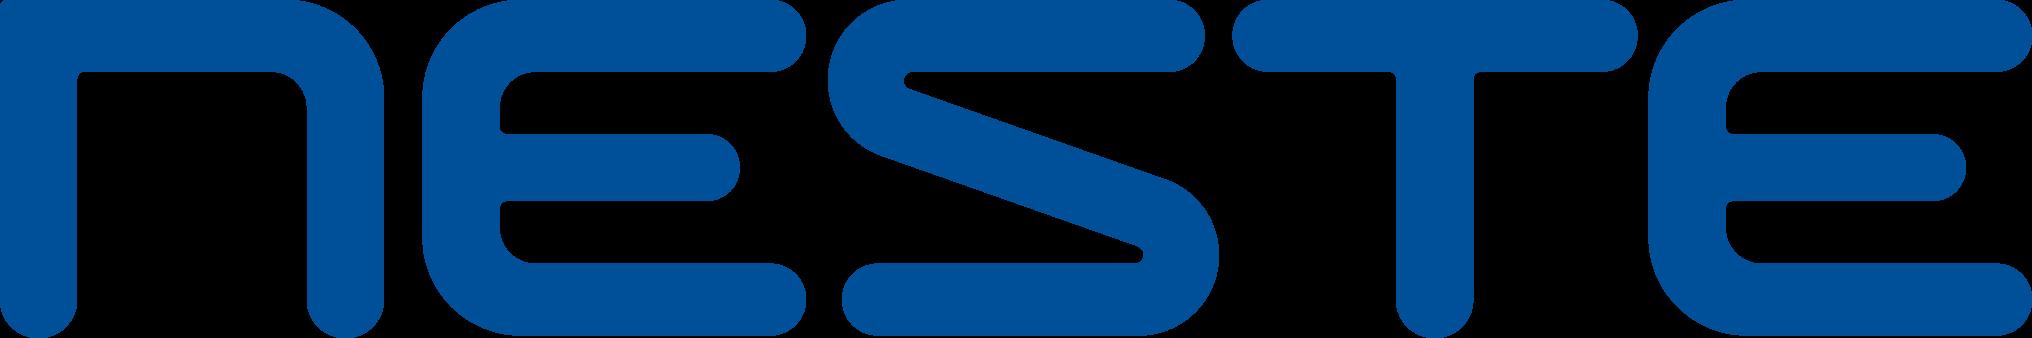 8a635da383c Soodustused - Tallink & Silja Line